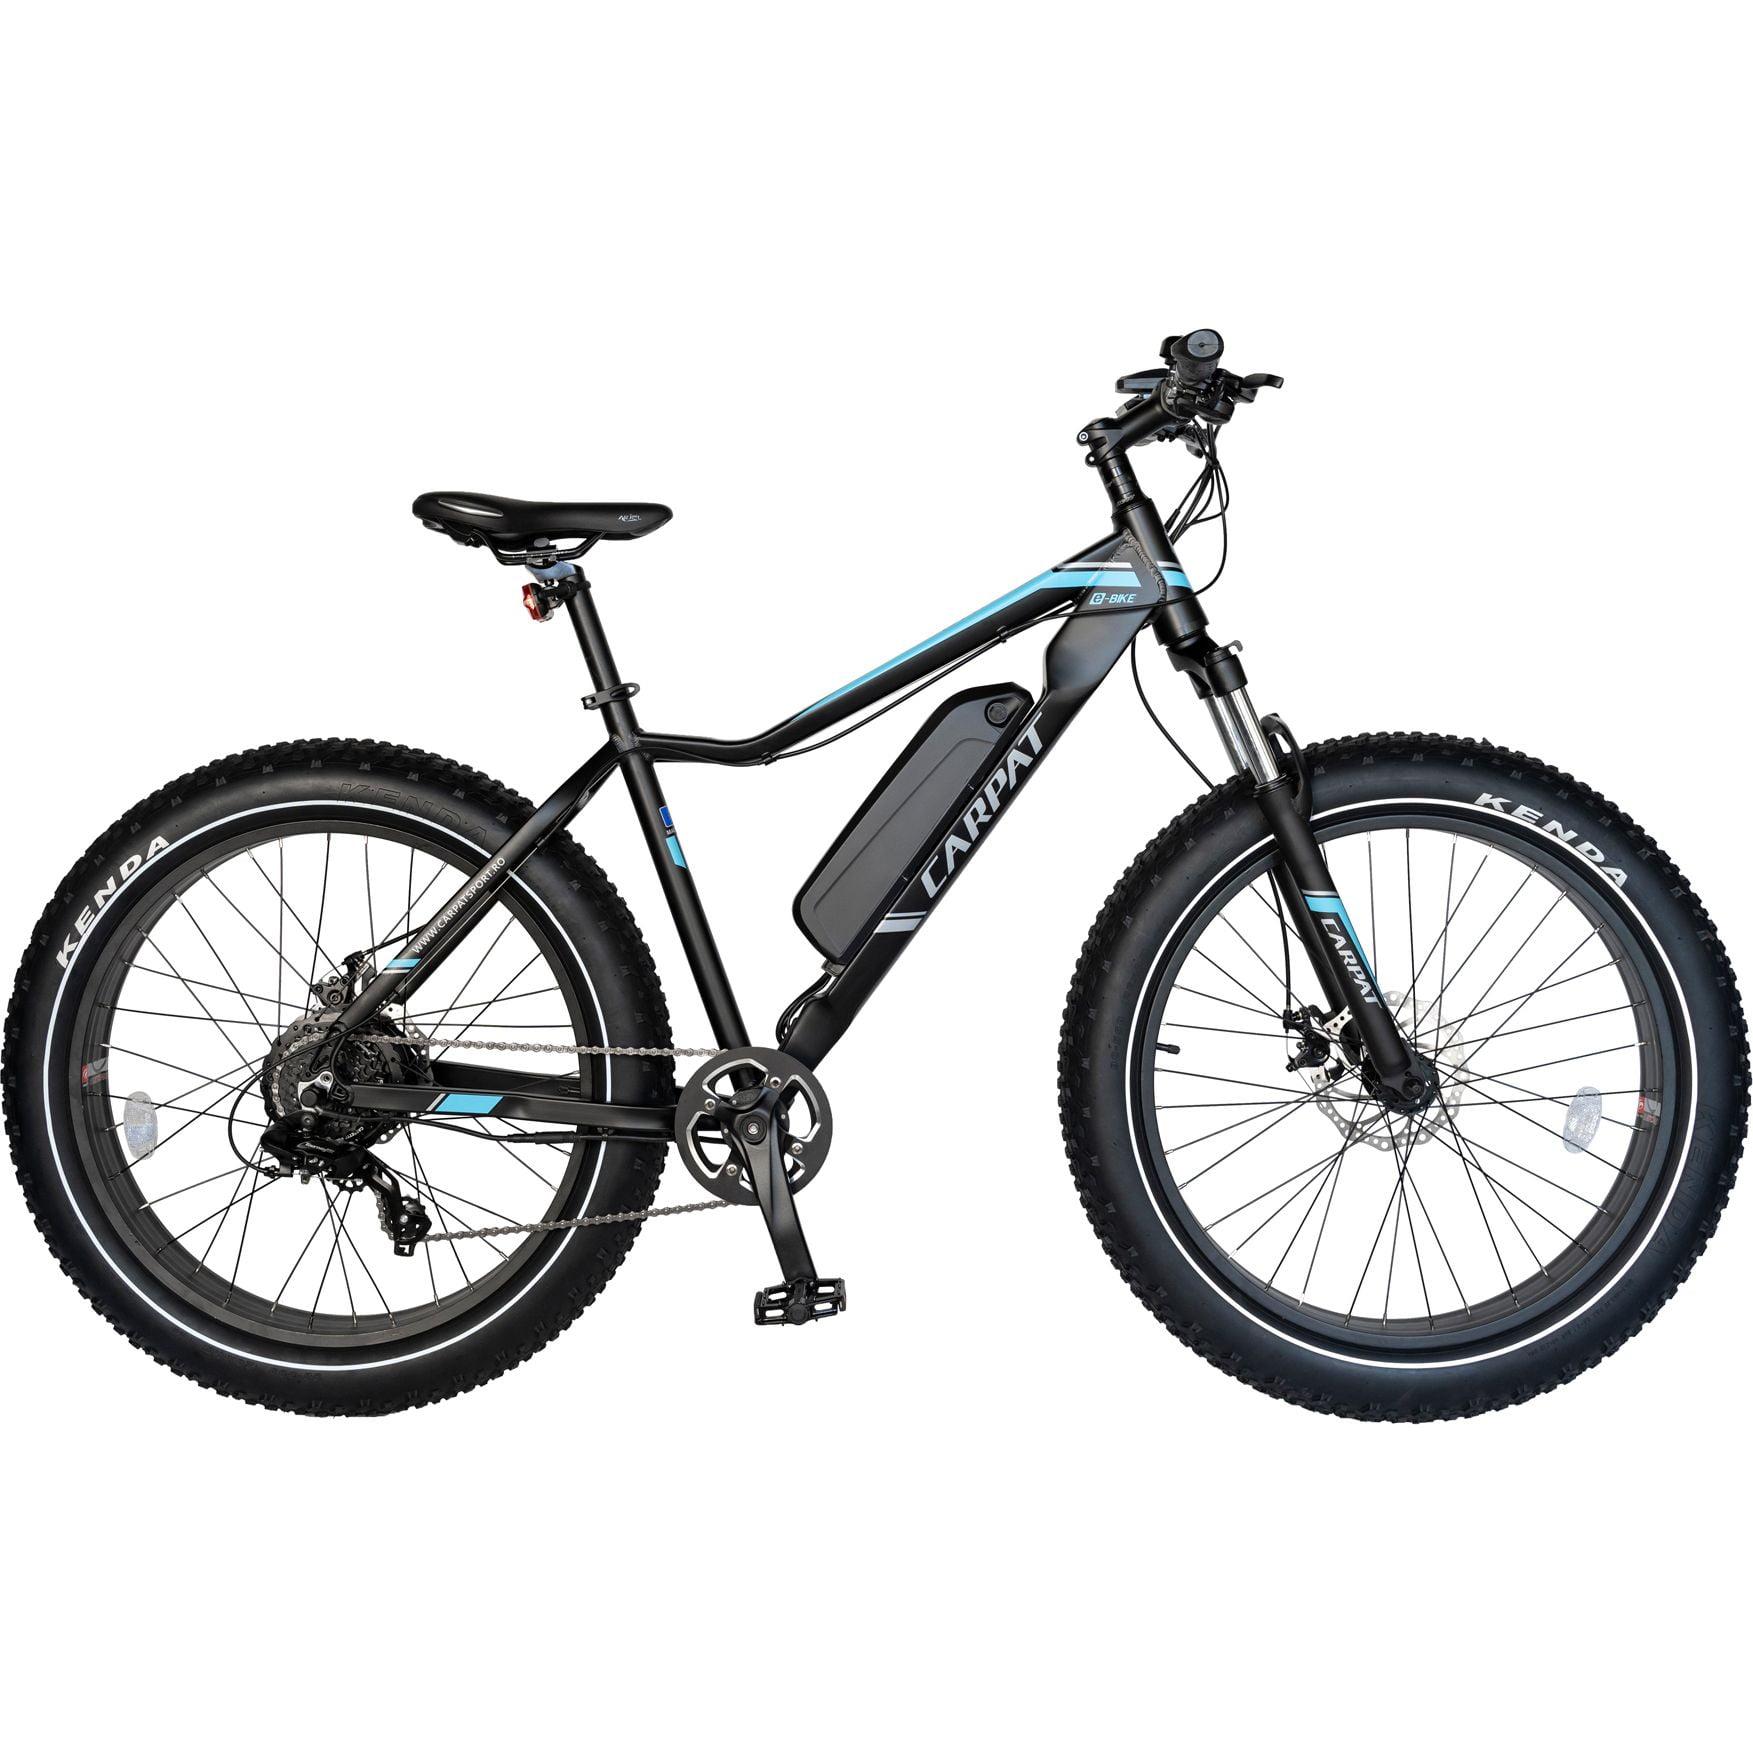 Afla totul despre bicicletele electrice